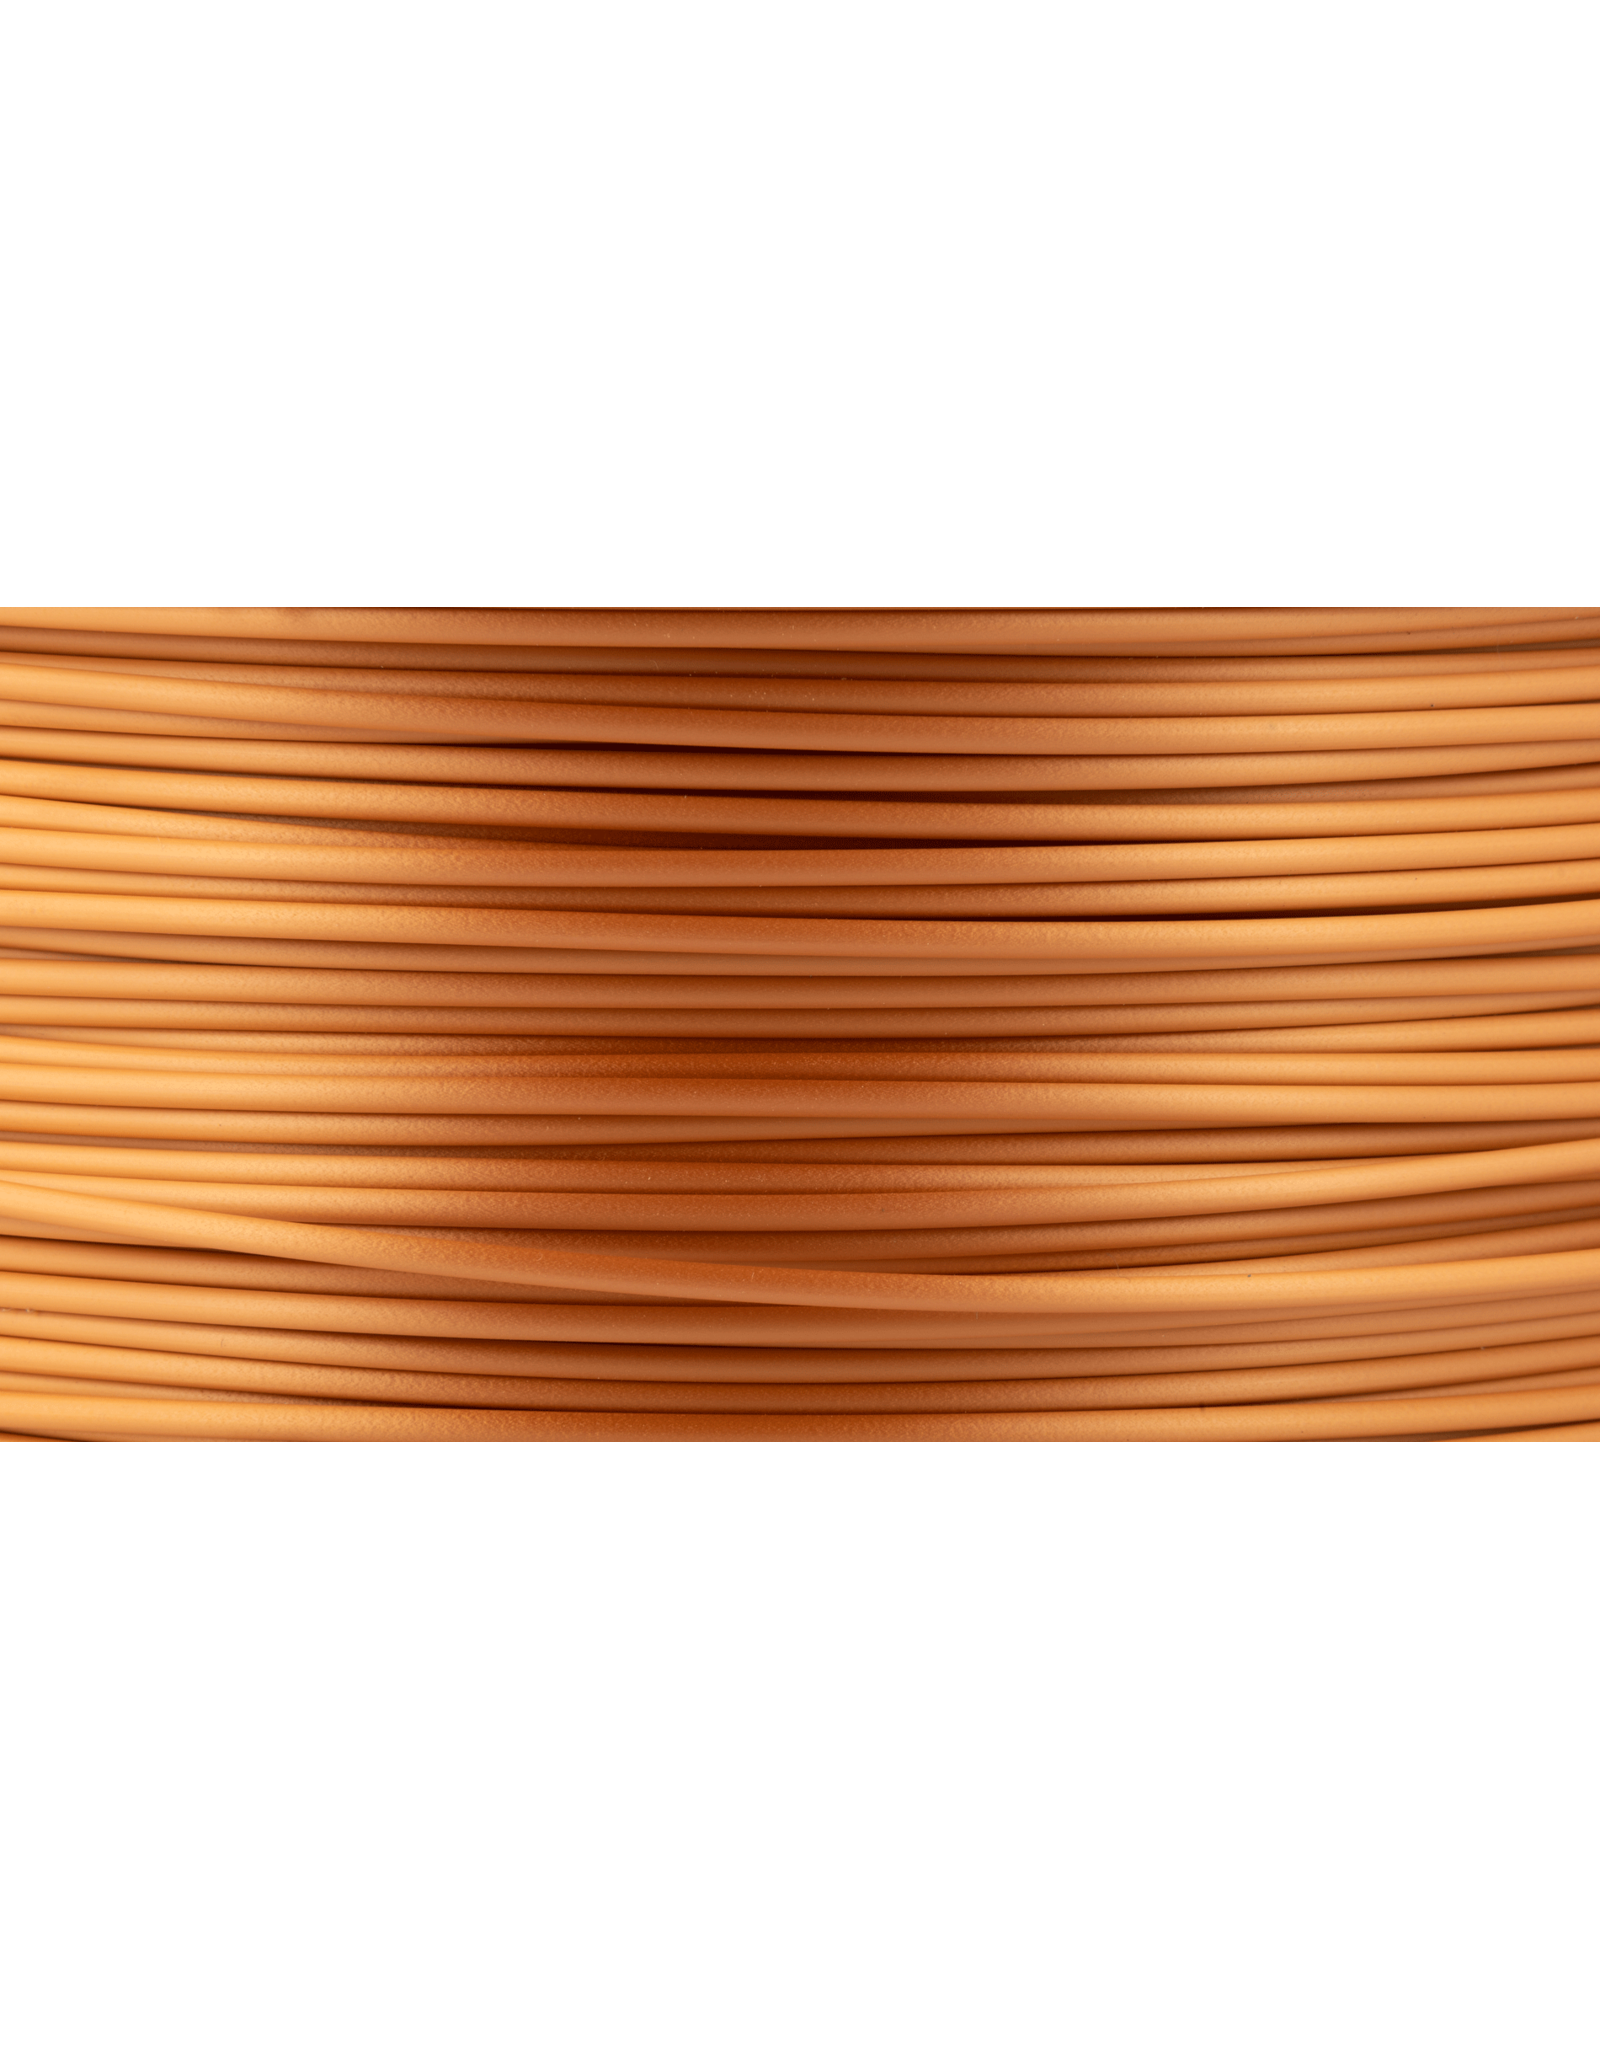 Prima PrimaSelect PLA Glossy - 1.75mm - 750 g  - Antique Copper